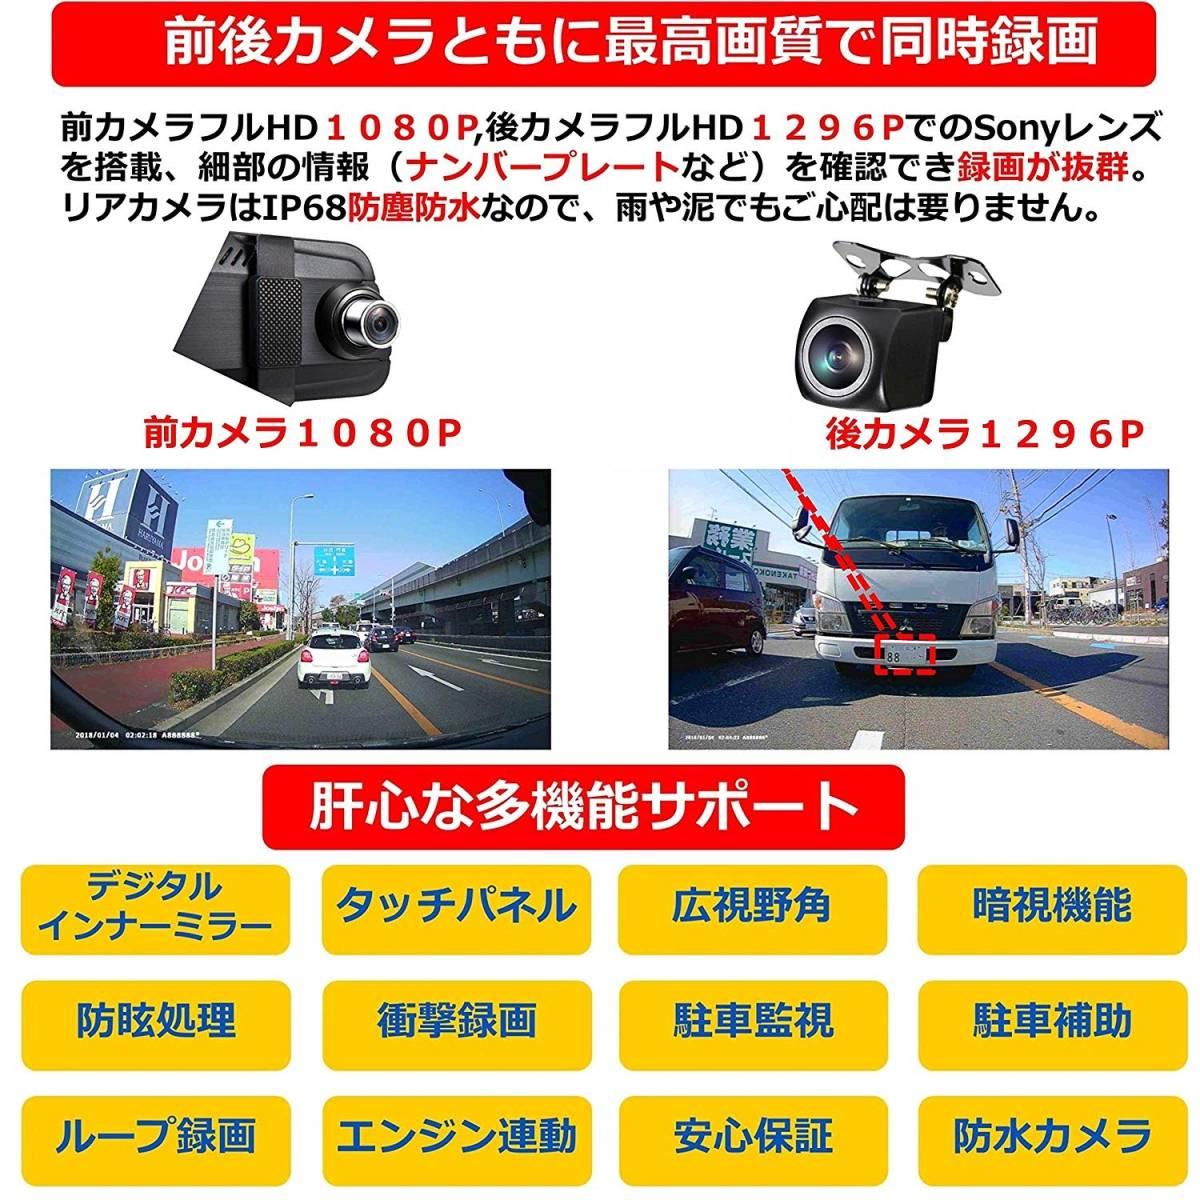 送料無料 32GB SDカード付 ドライブレコーダー G1013 タッチパネル9.66インチ ミラー型 前後カメラ LED信号機対応フルHD 日本製説明書 新品_画像2